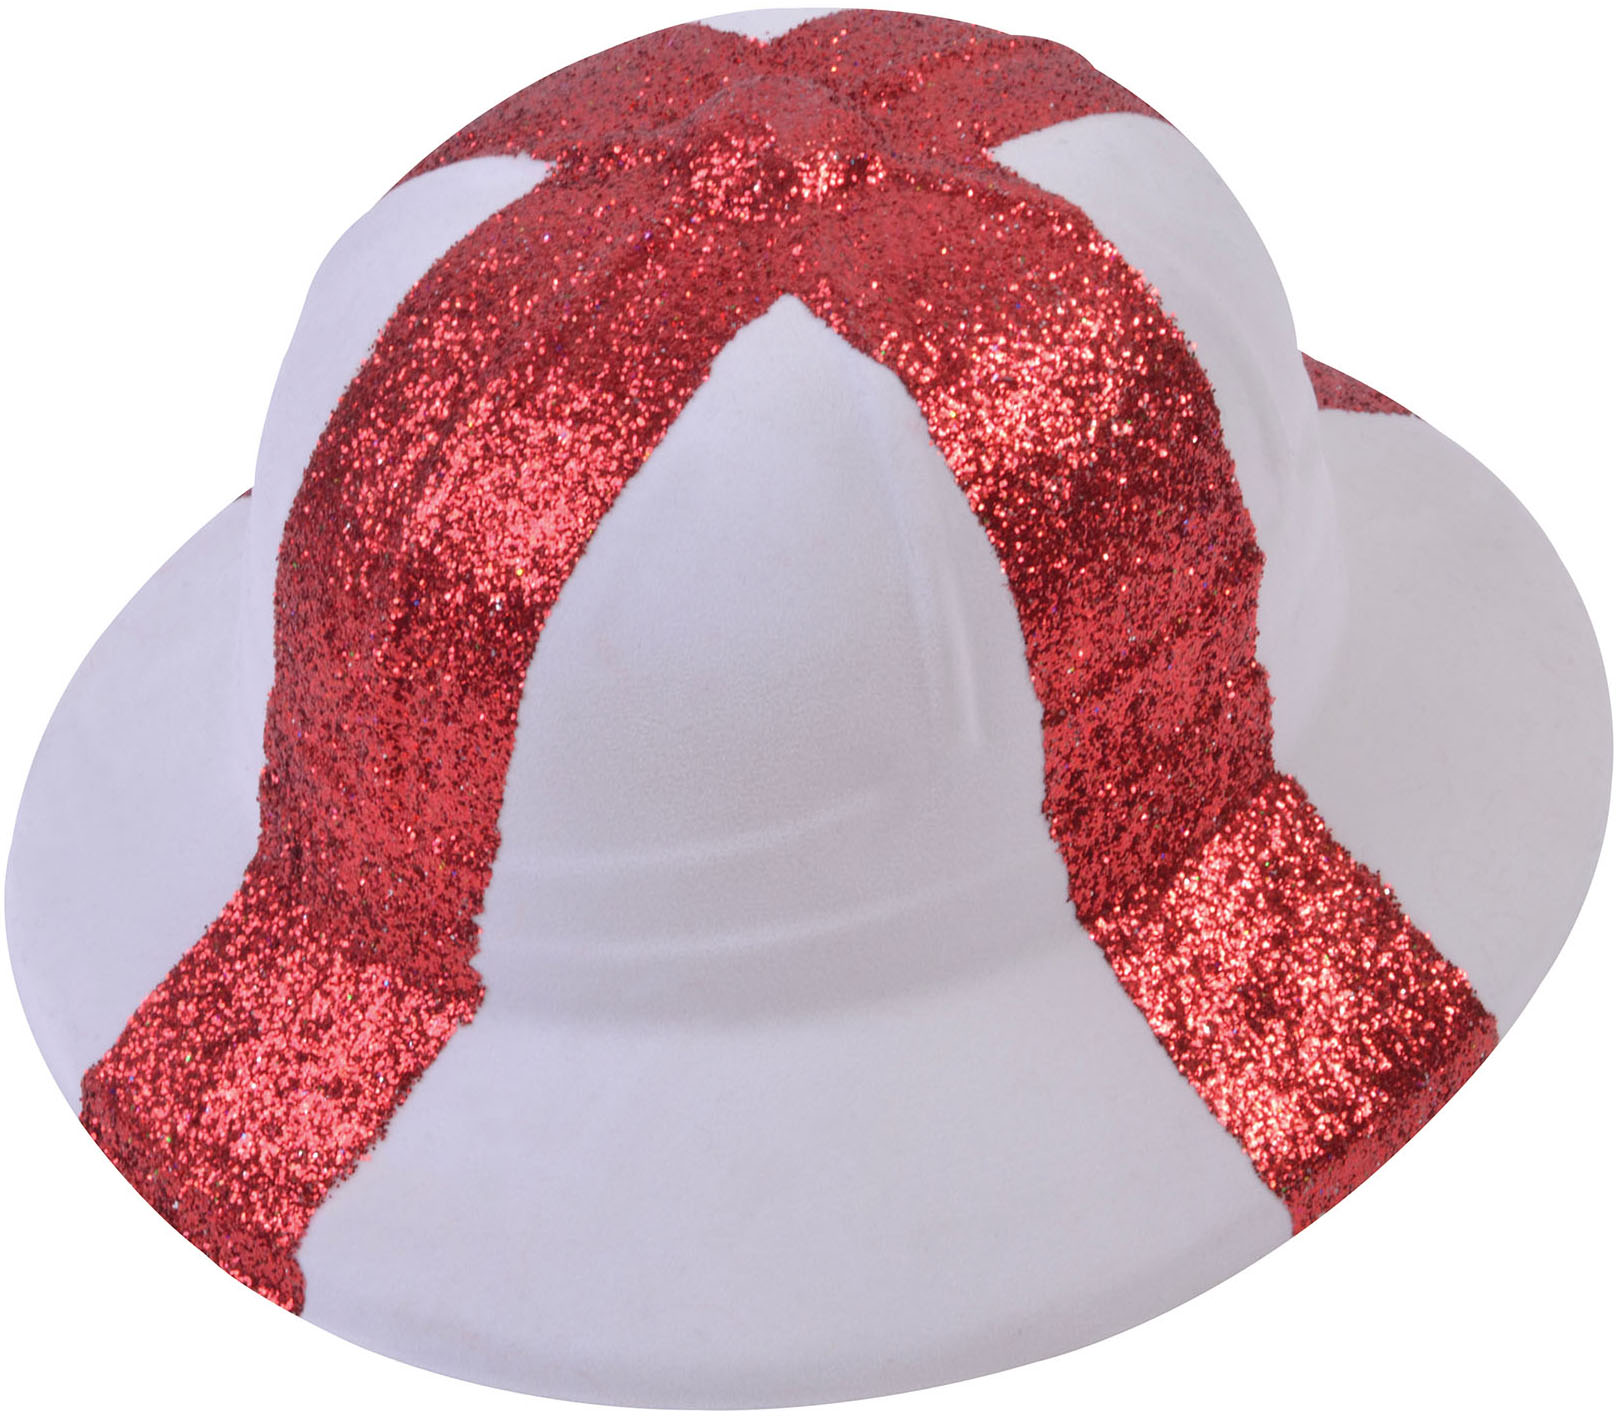 St. George Pith Helmet